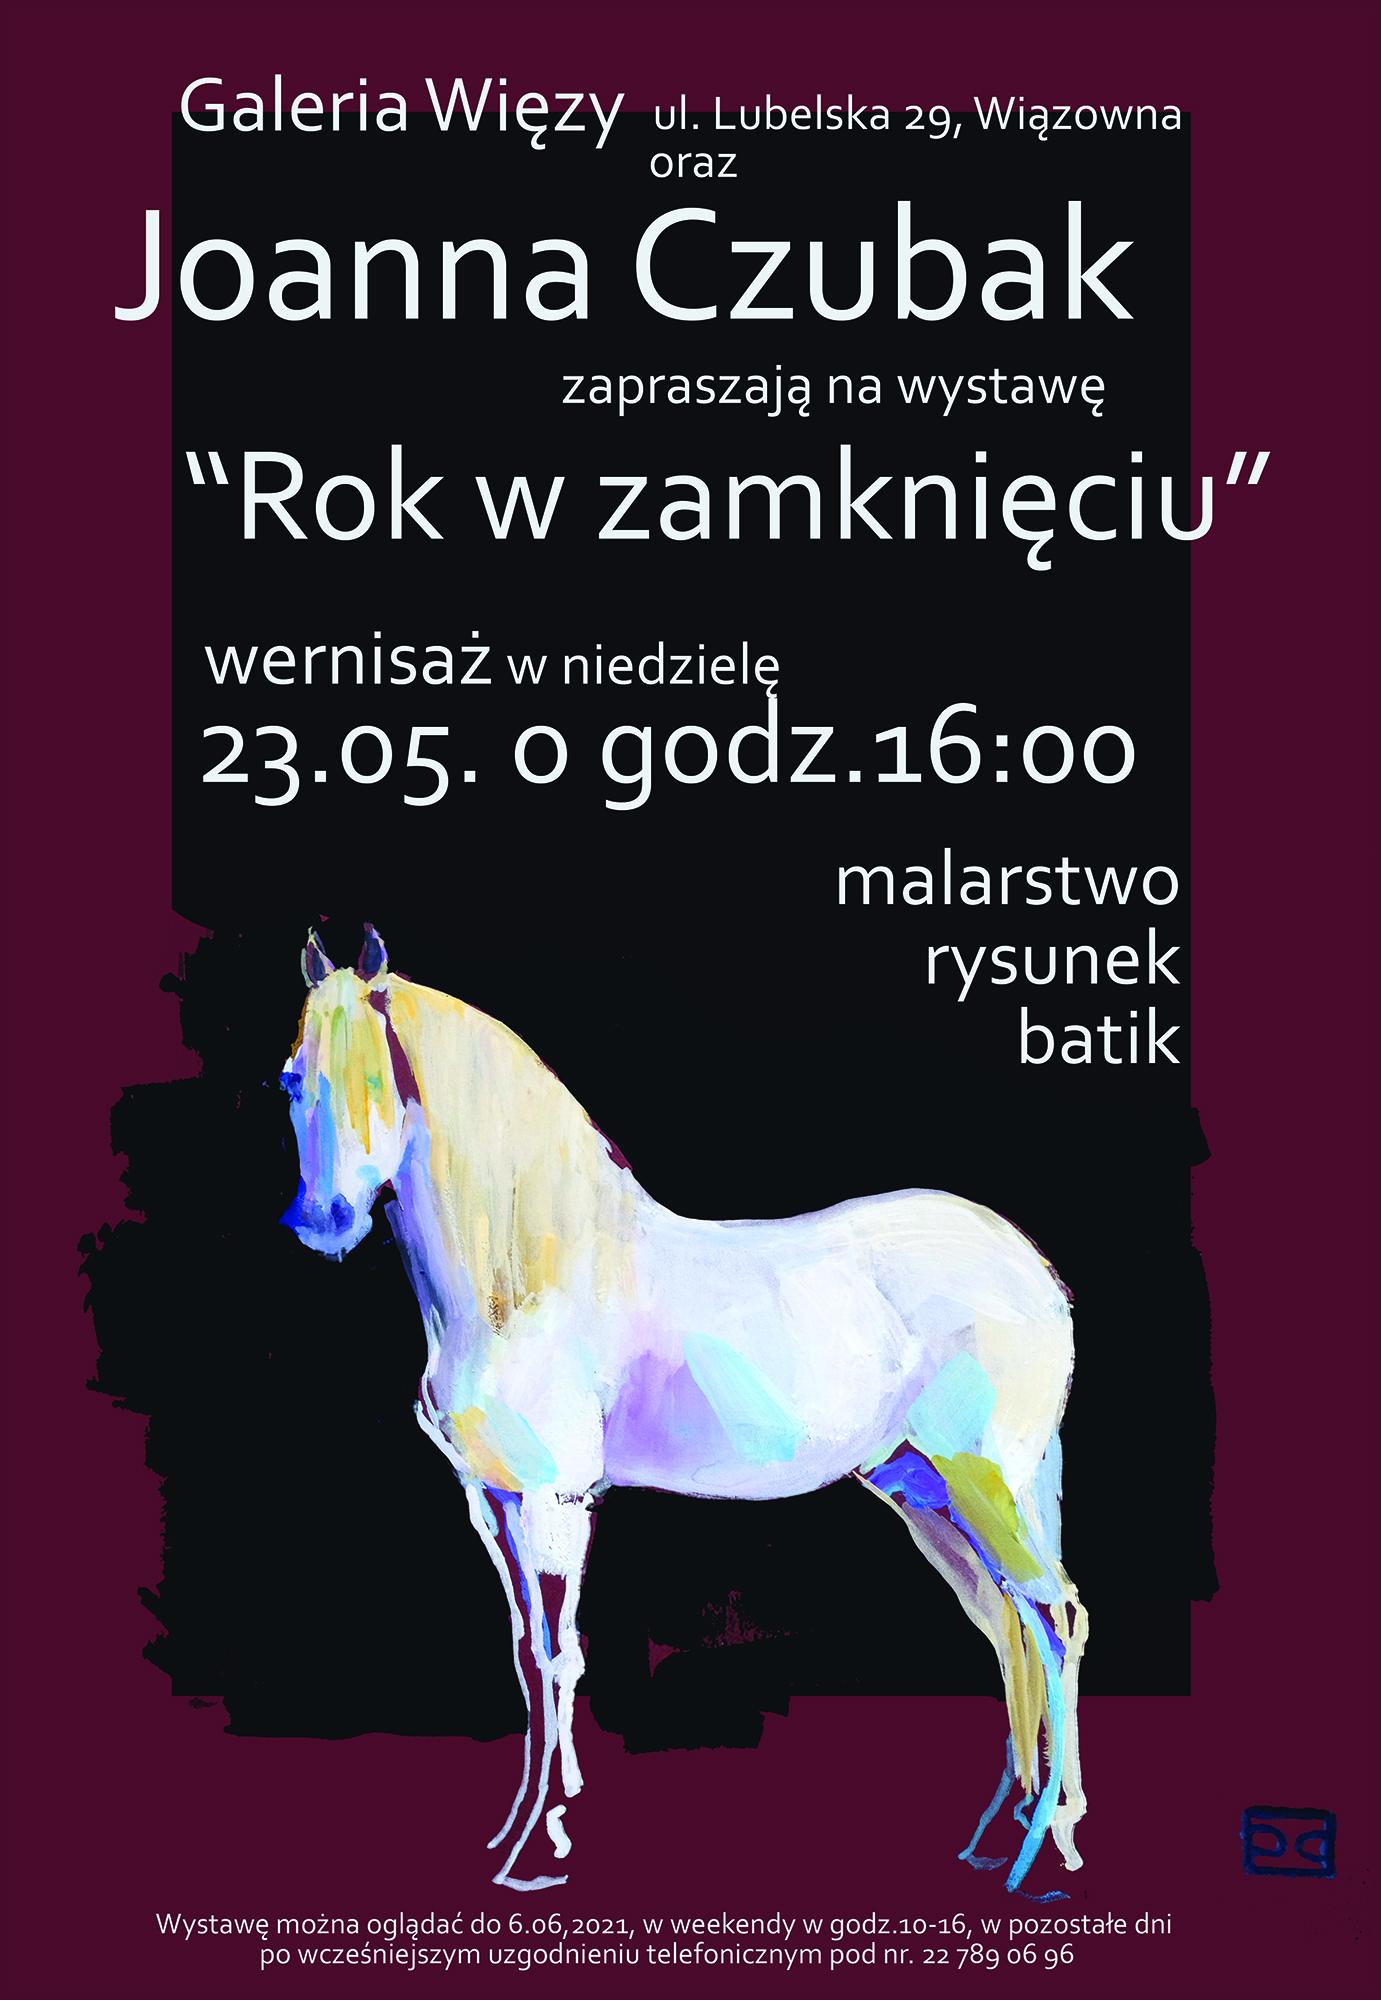 Plakat informujący o wystawie w Galerii Więzy w Wiązownie